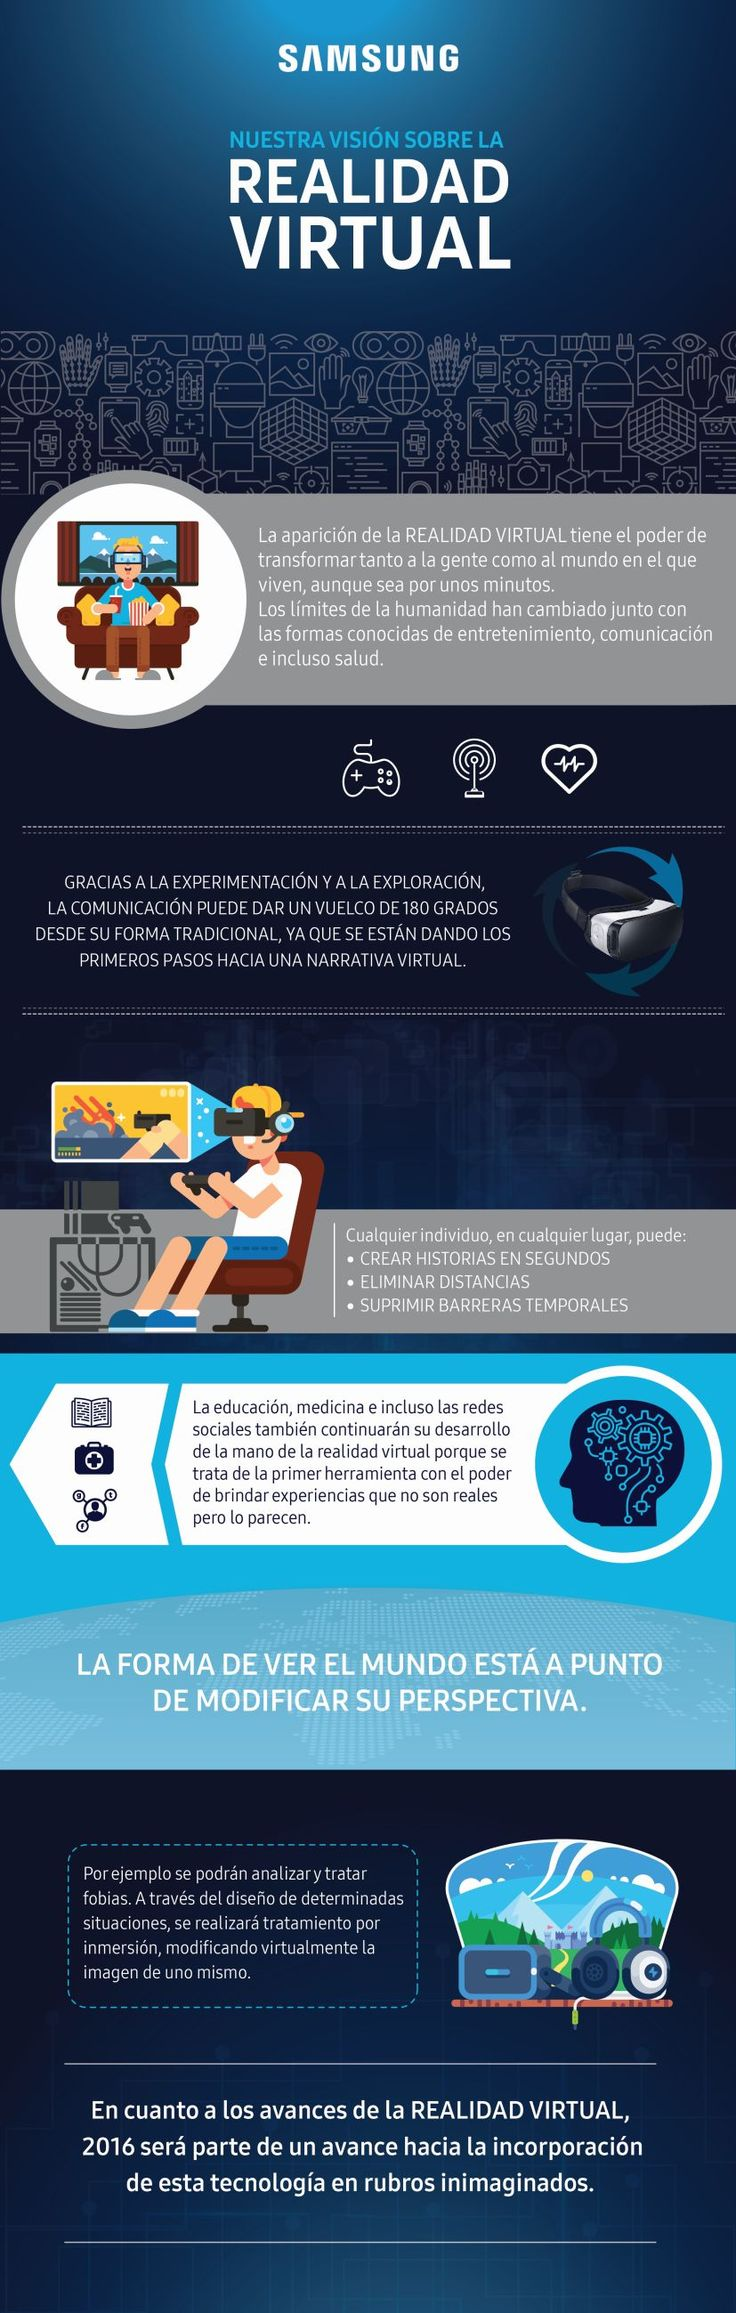 Nuestra visión sobre la realidad virtual